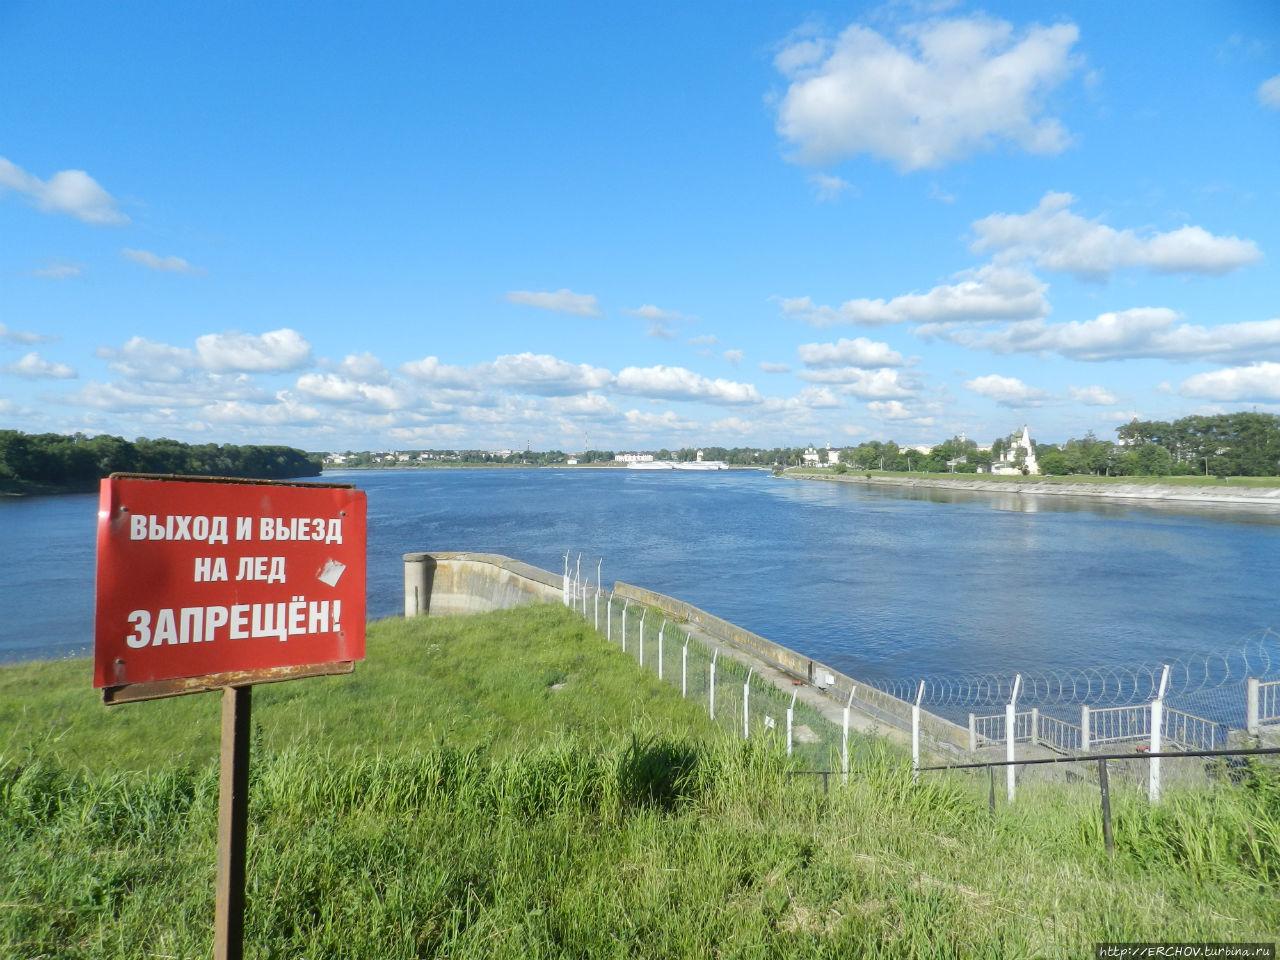 Фото с плотины в сторону Углича.